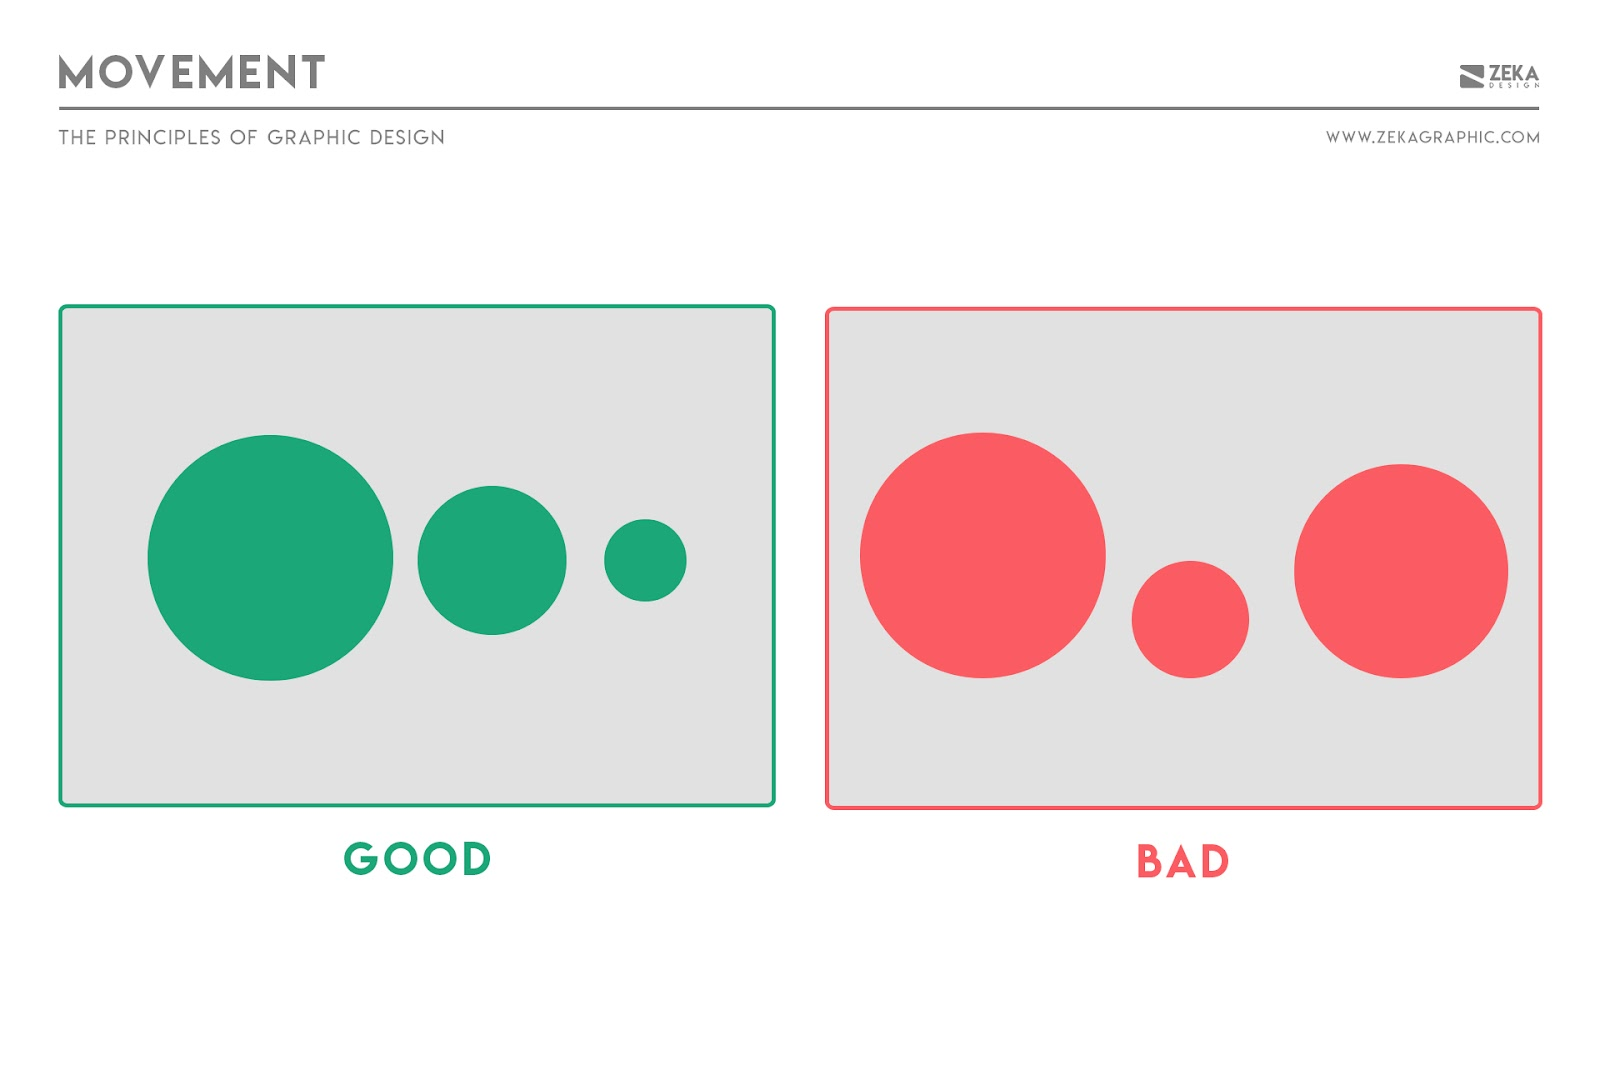 Nguyên tắc chuyển động trong thiết kế đồ họa